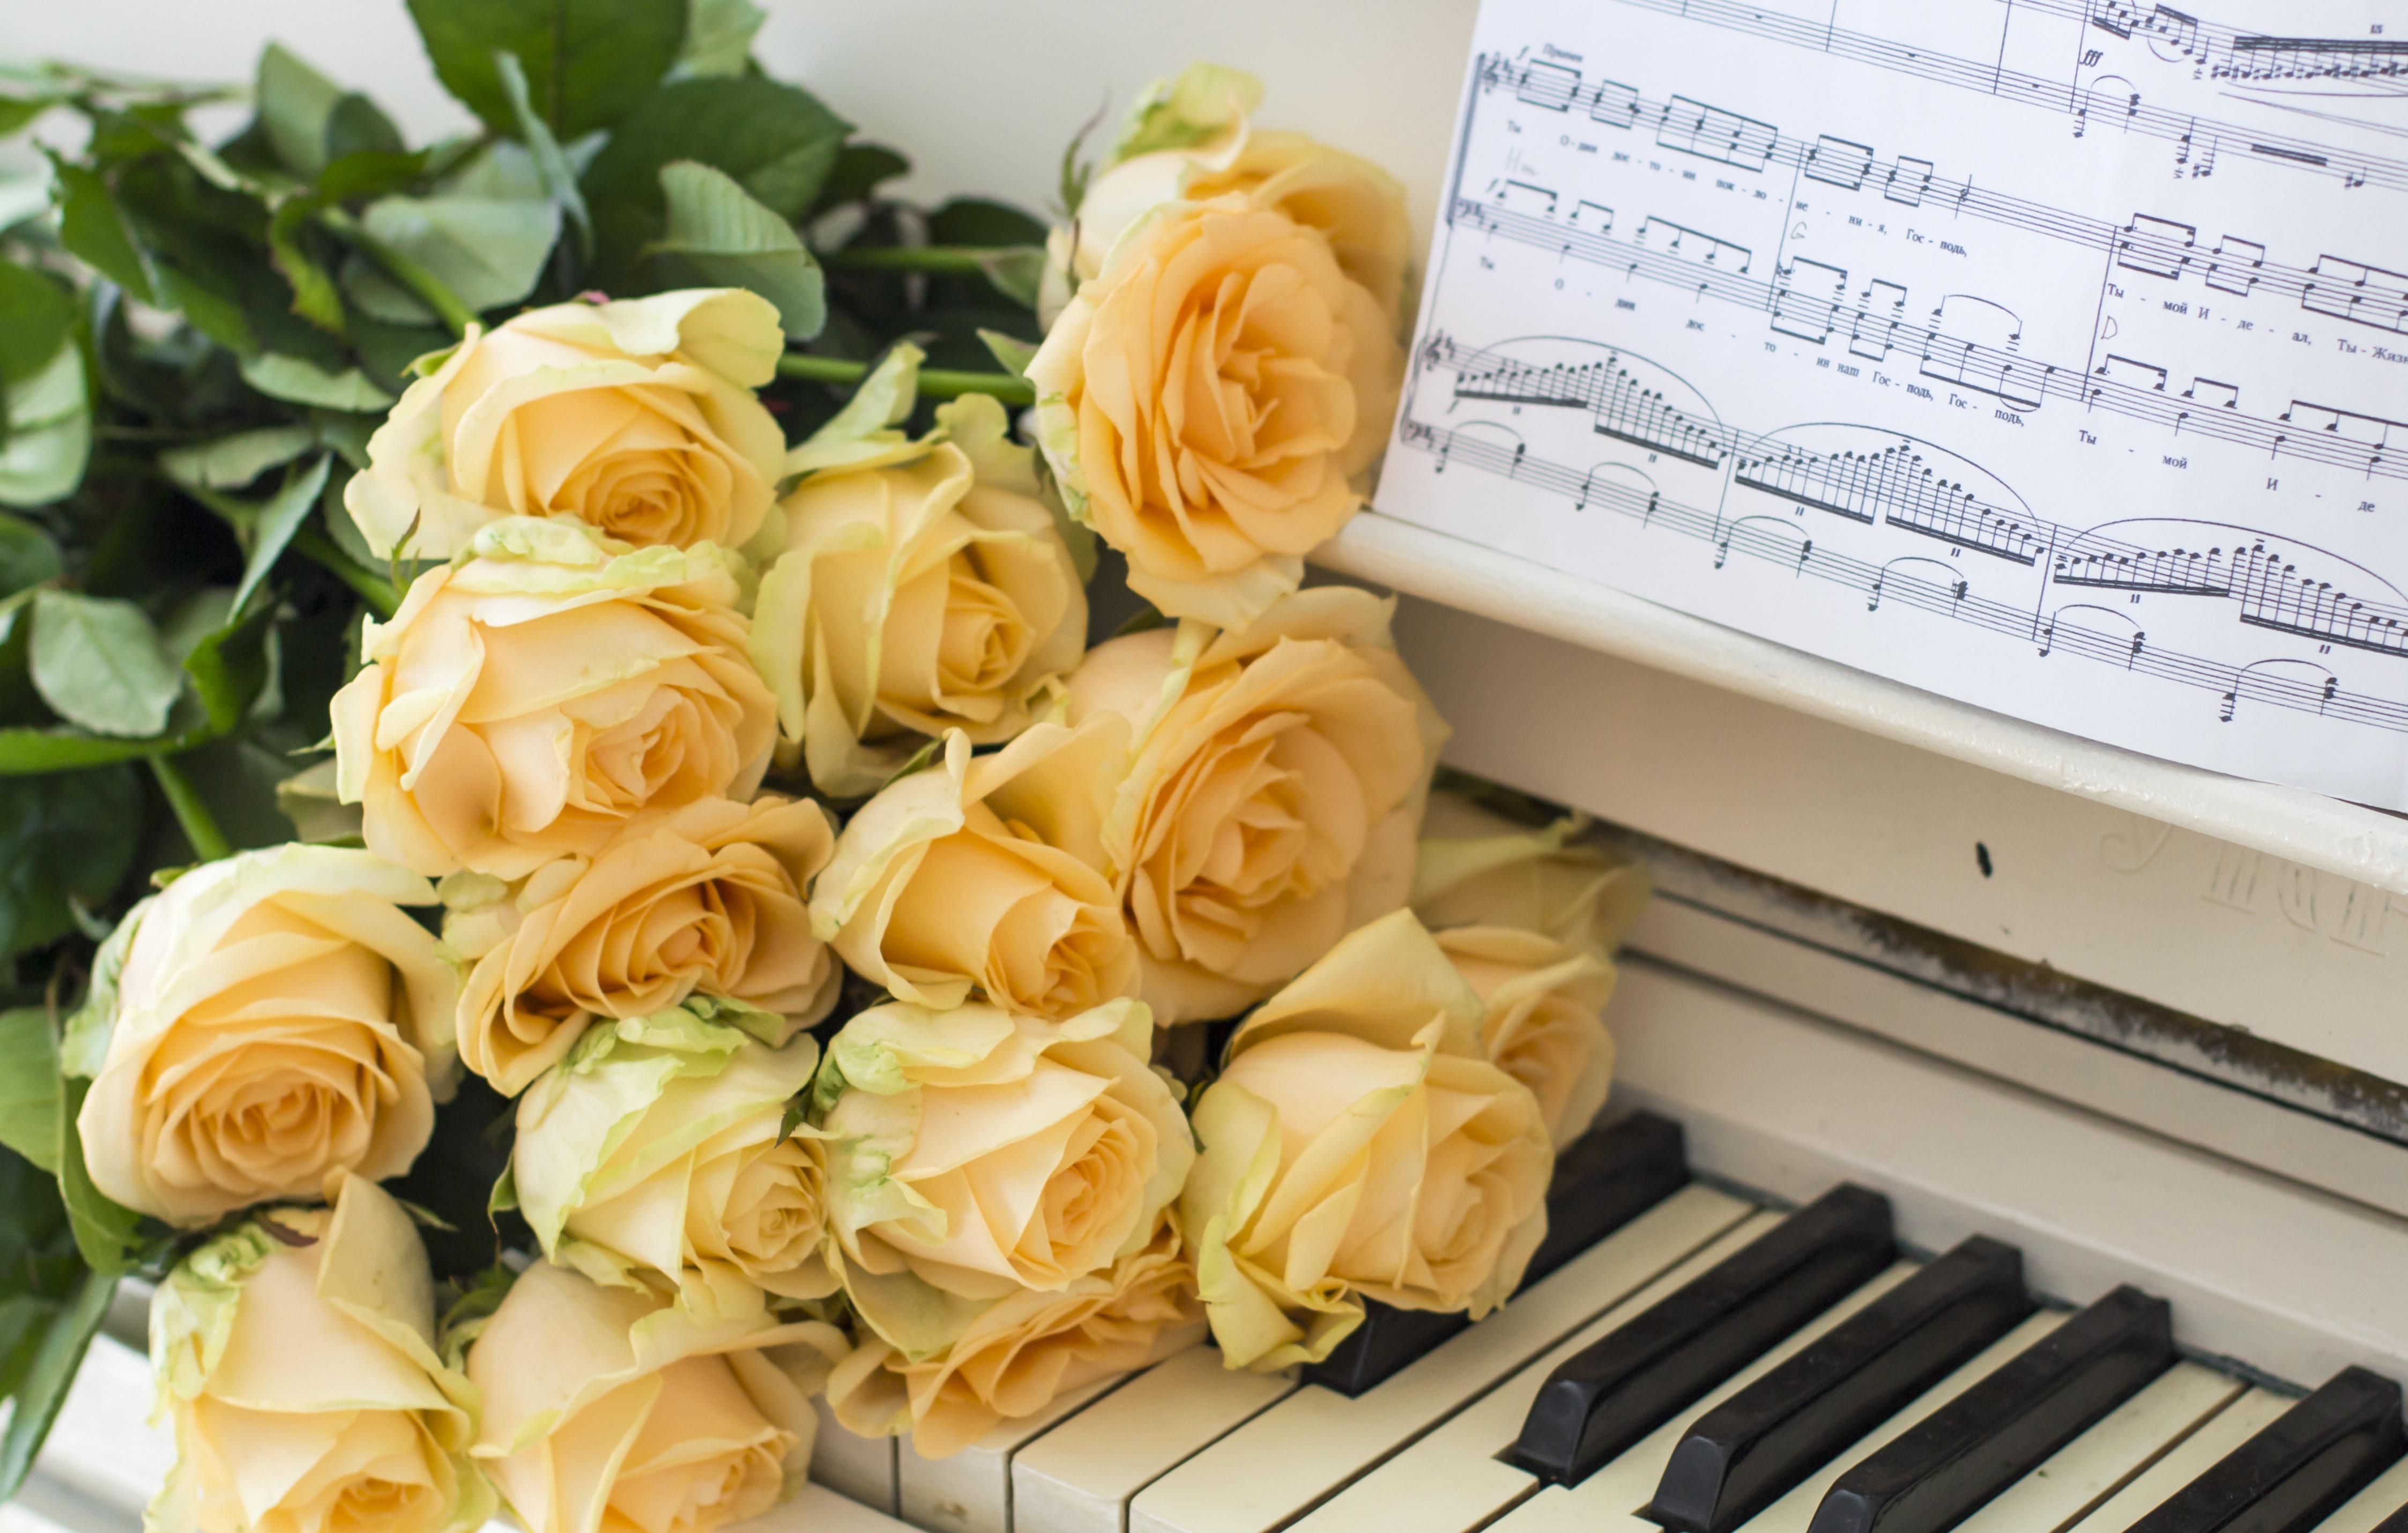 Картинки с цветами и нотами